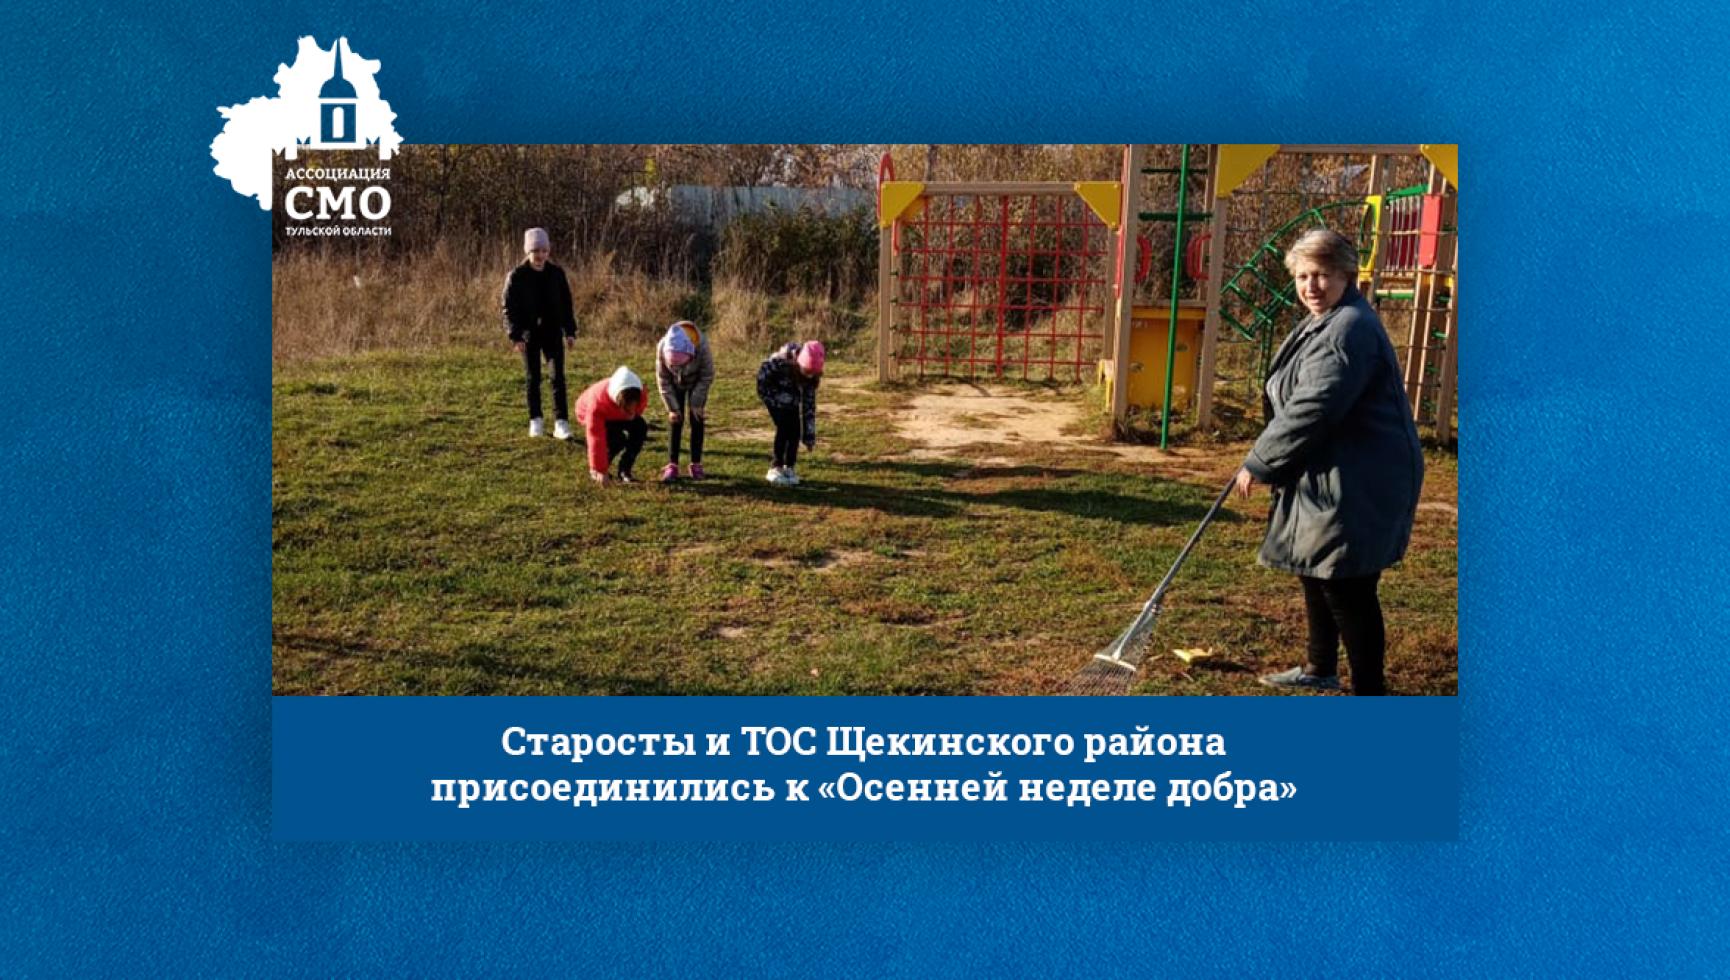 Старосты и ТОС Щекинского района присоединились к «Осенней неделе добра»